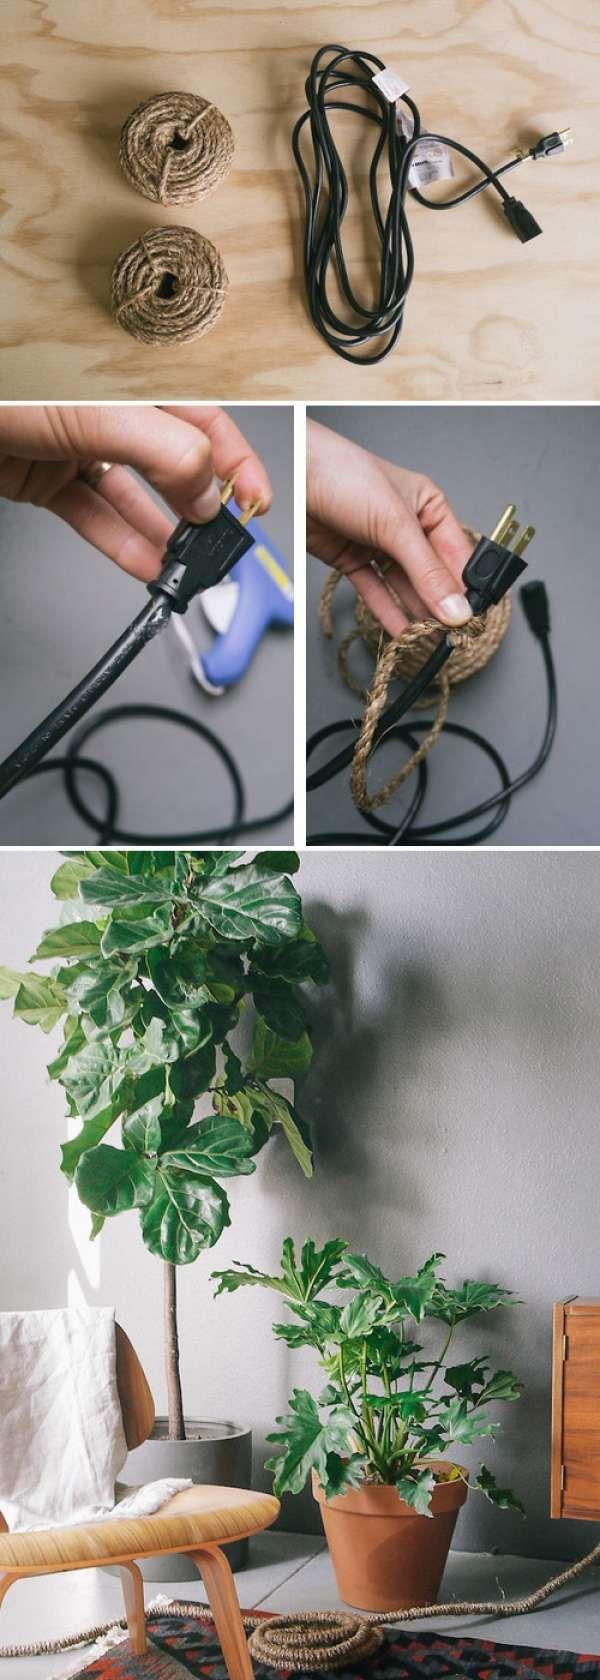 10 astuces g niales pour cacher les fils lectriques qui tra nent partout decoration kabel. Black Bedroom Furniture Sets. Home Design Ideas